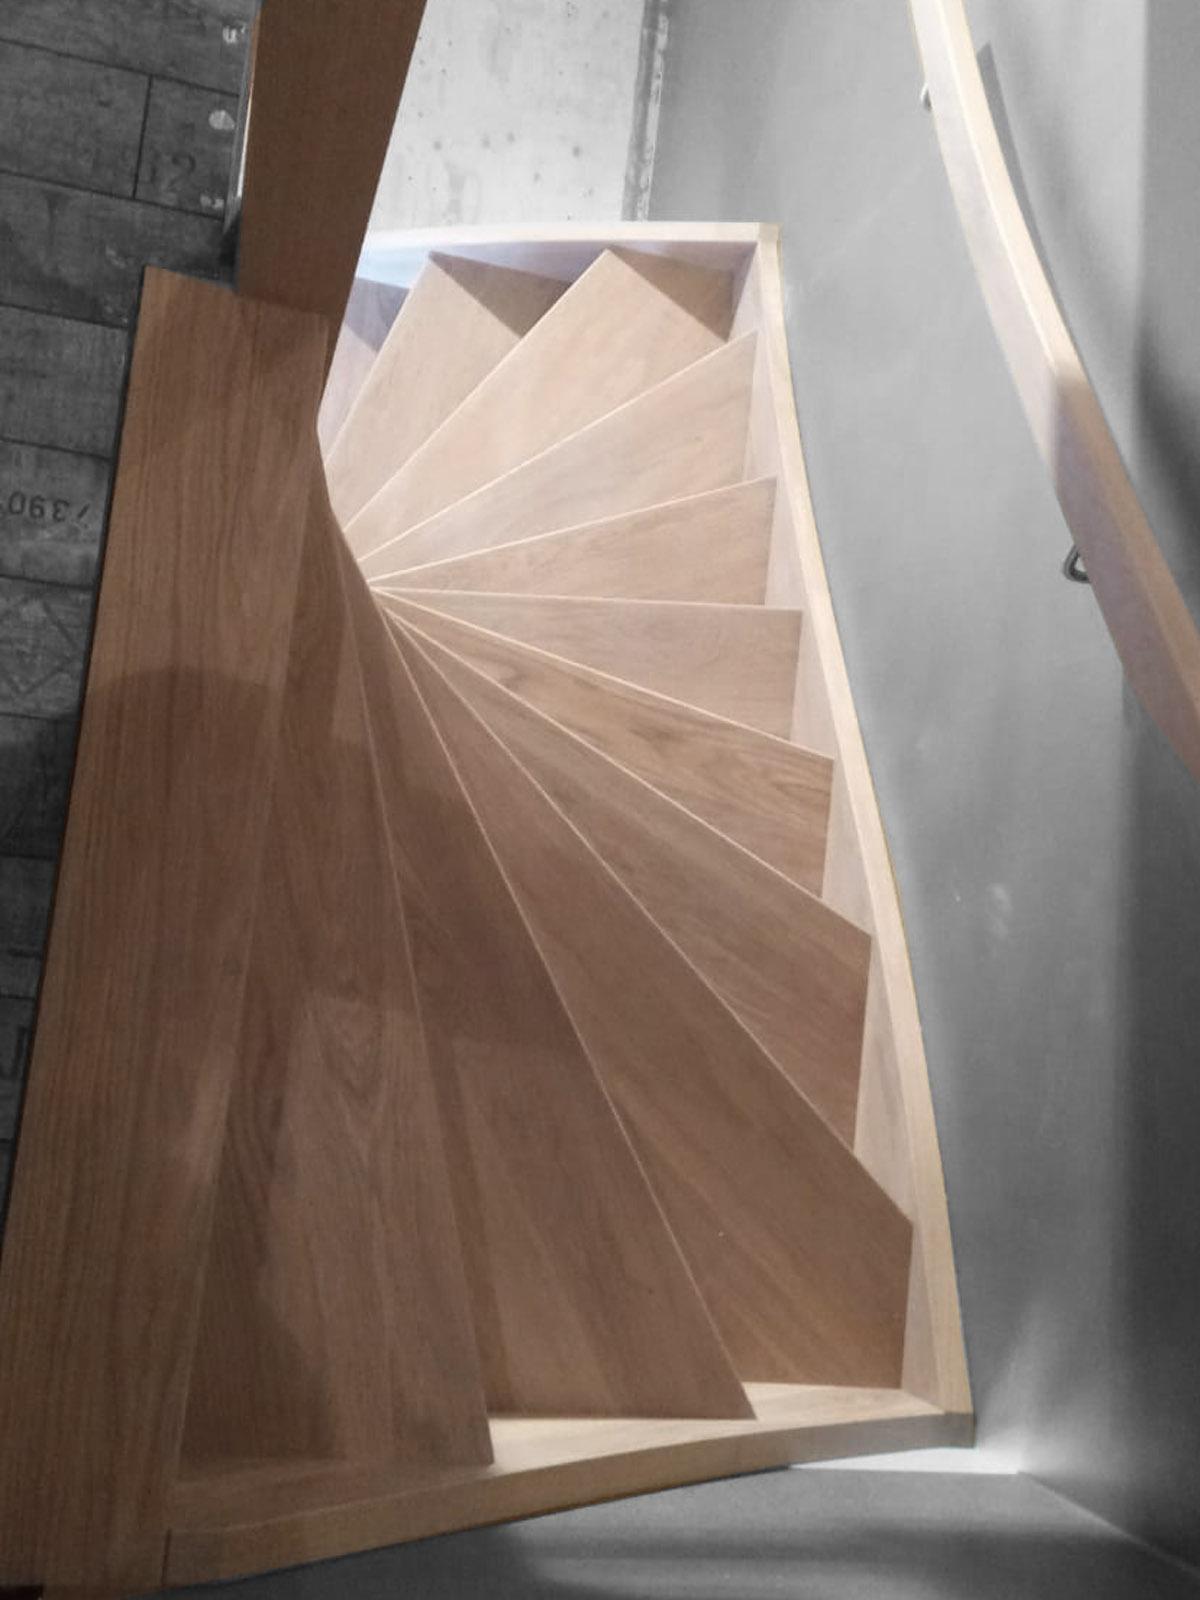 Eiken houten trap met patroon in stootborden - Foto 1